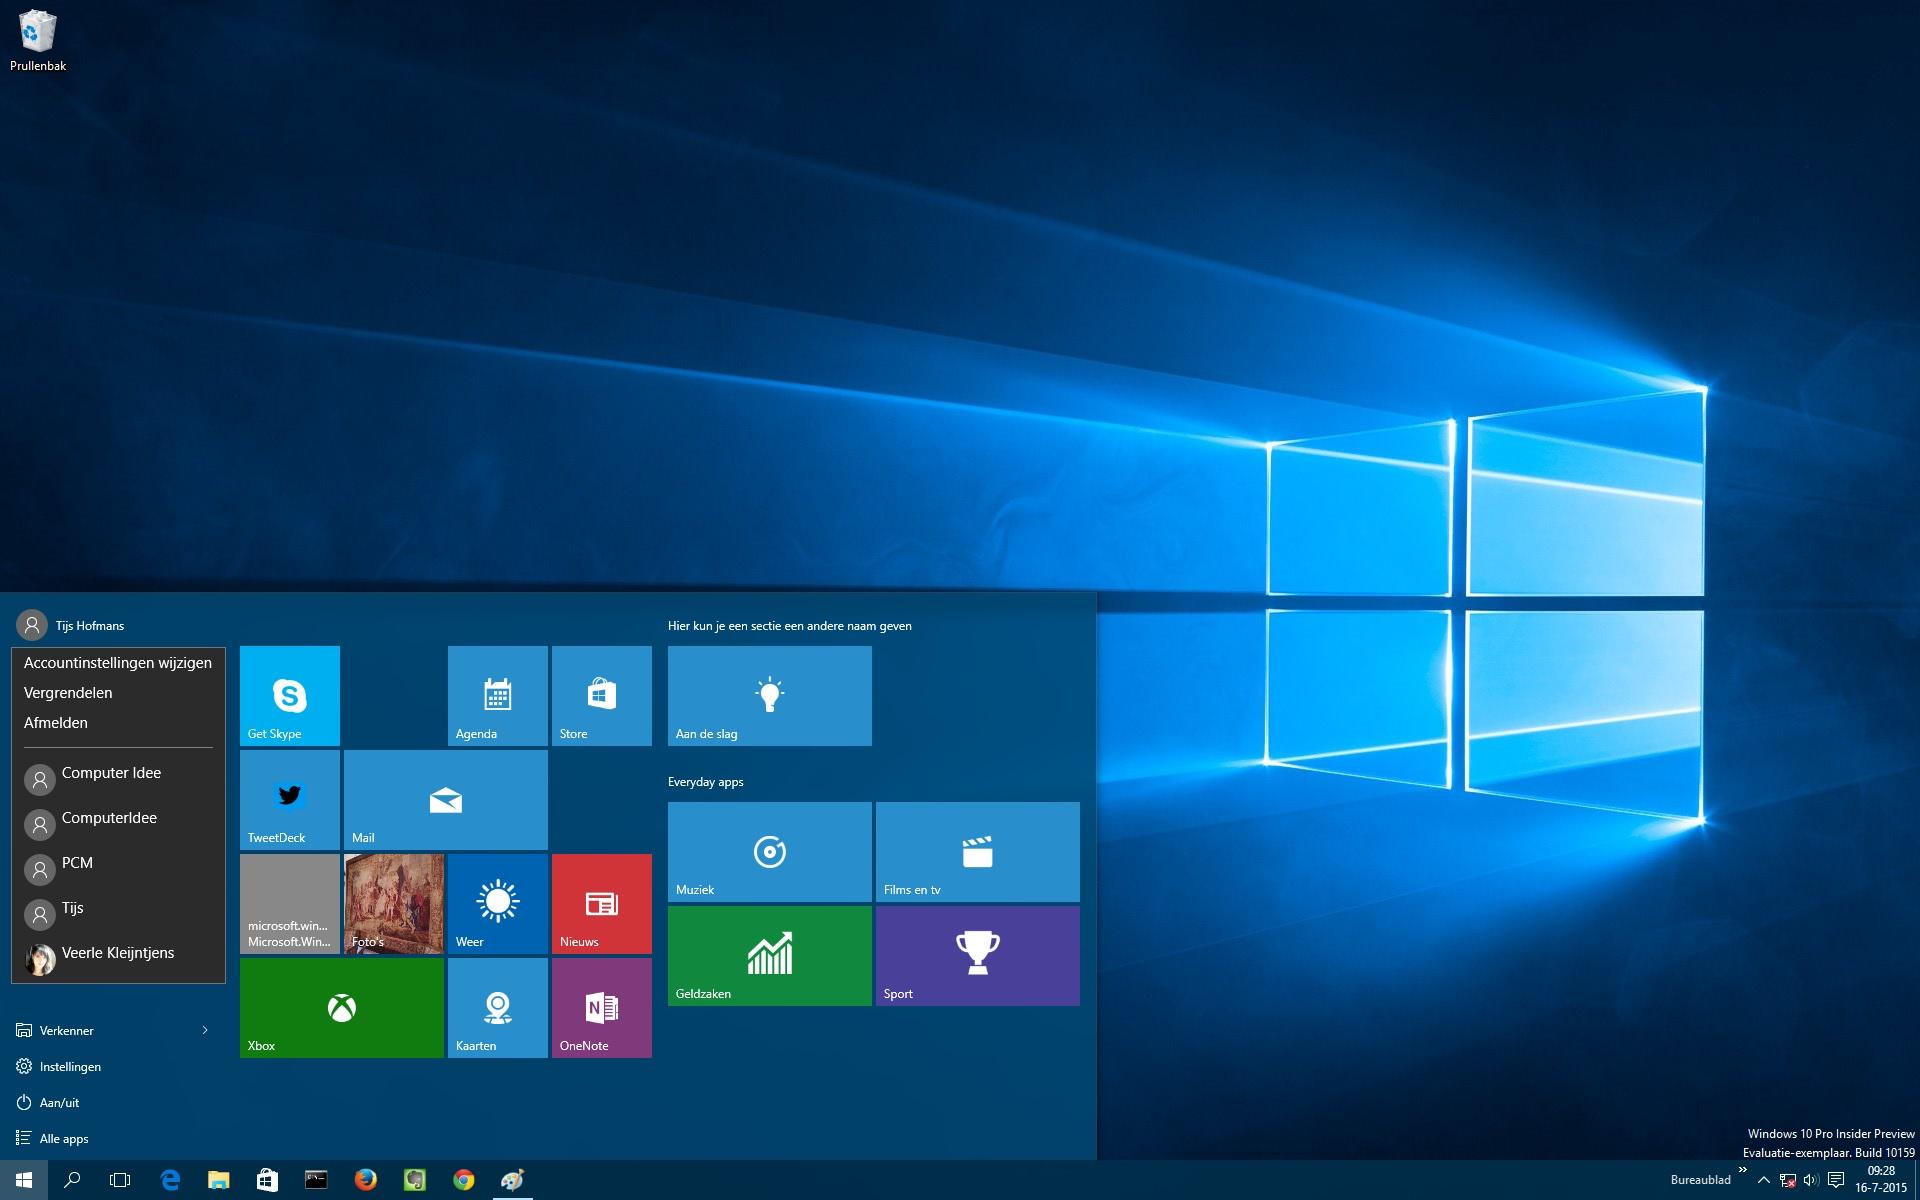 bureaublad gadgets downloaden windows 7